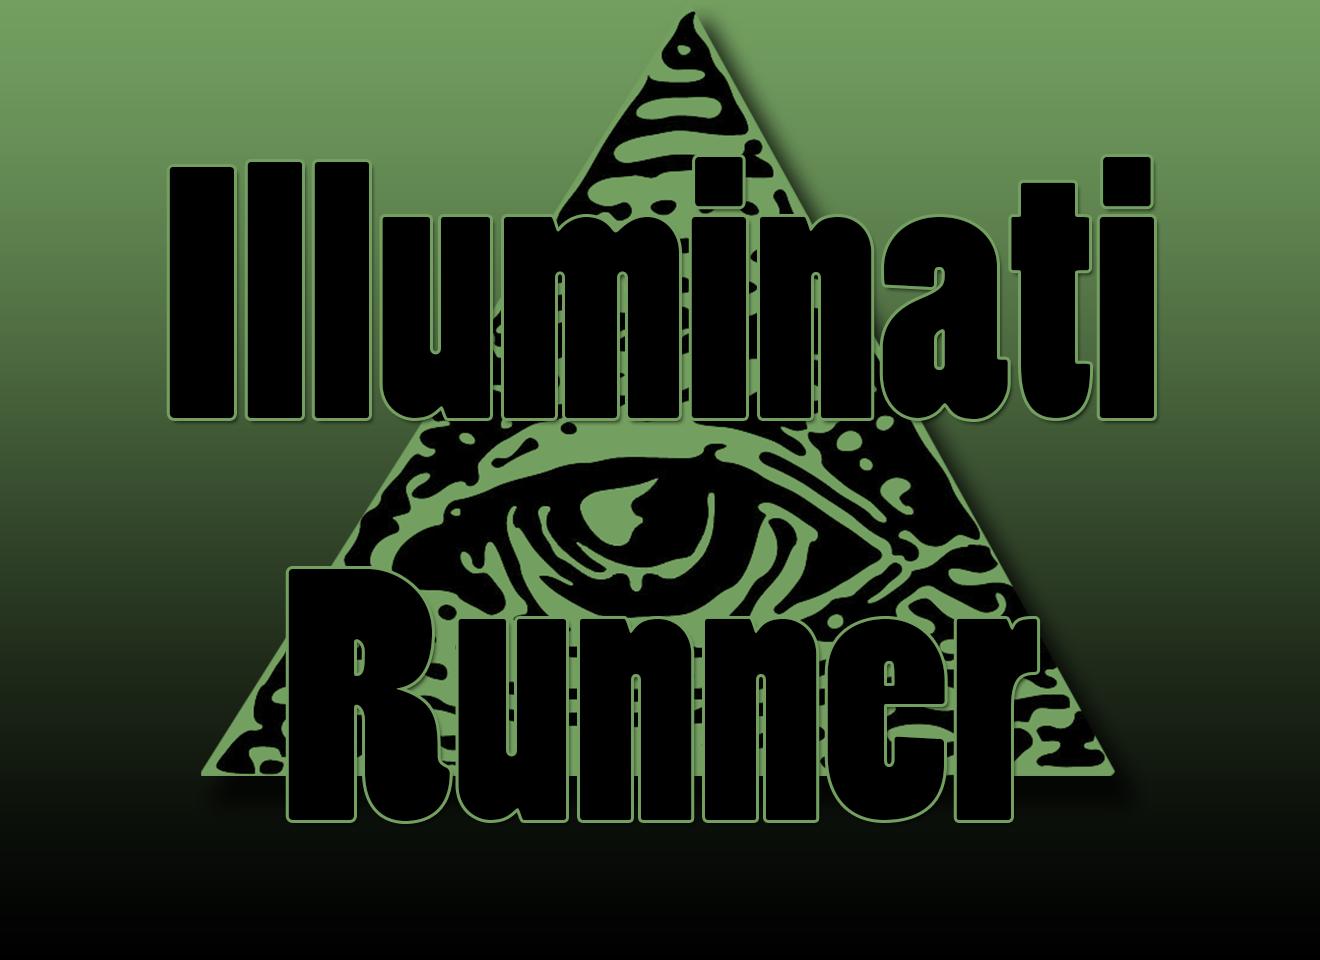 Illuminati Runner